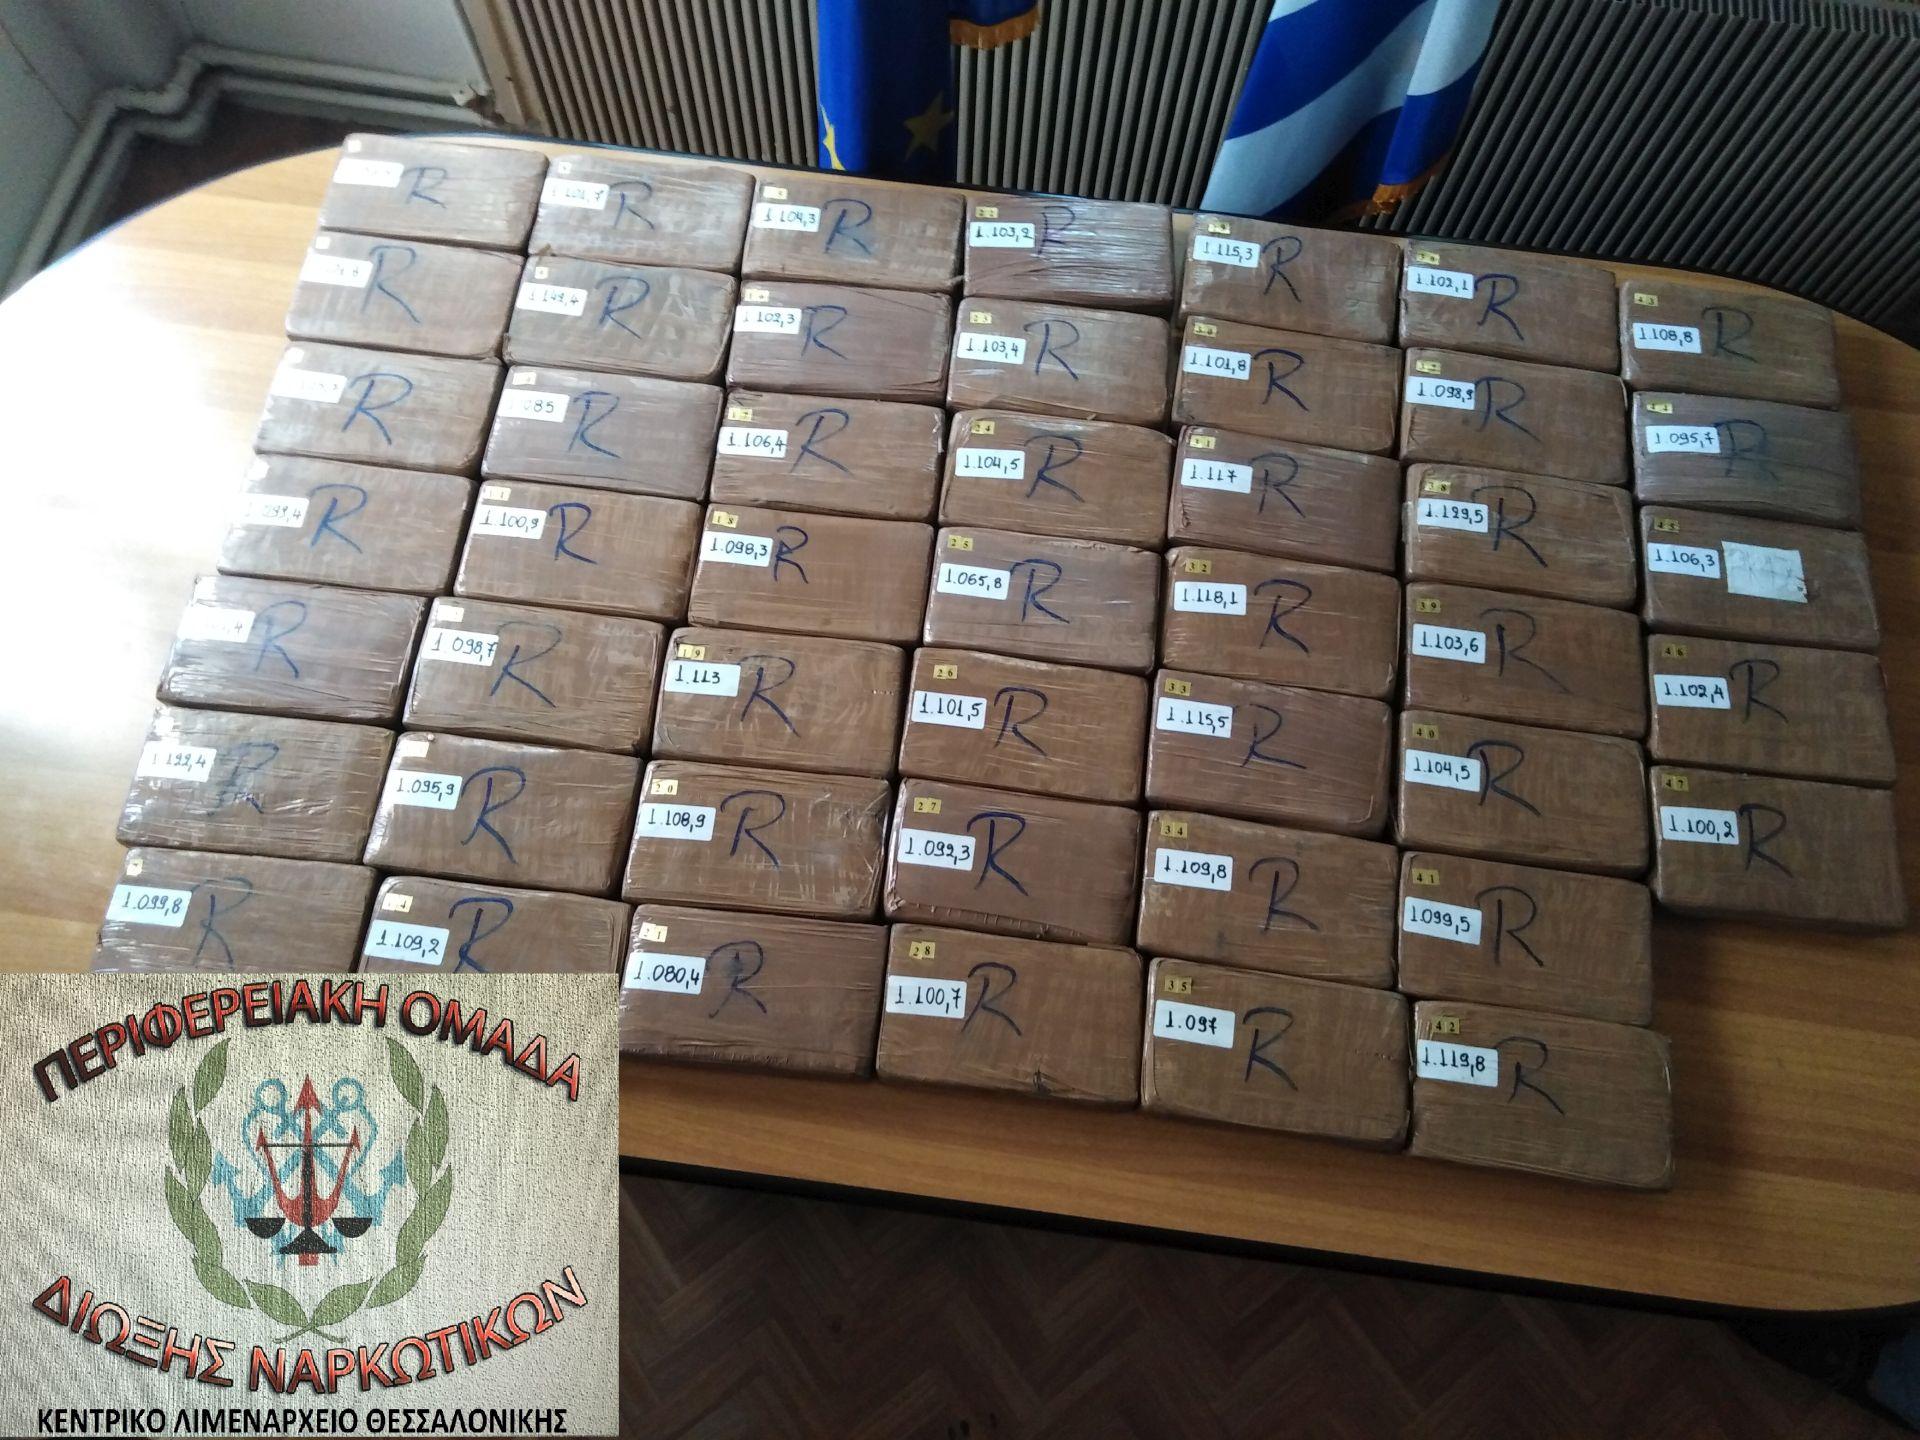 137 kilogramë kokainë në Durrës – Çfarë dimë deri më tani për operacionin e përbashkët Greqi-Shqipëri